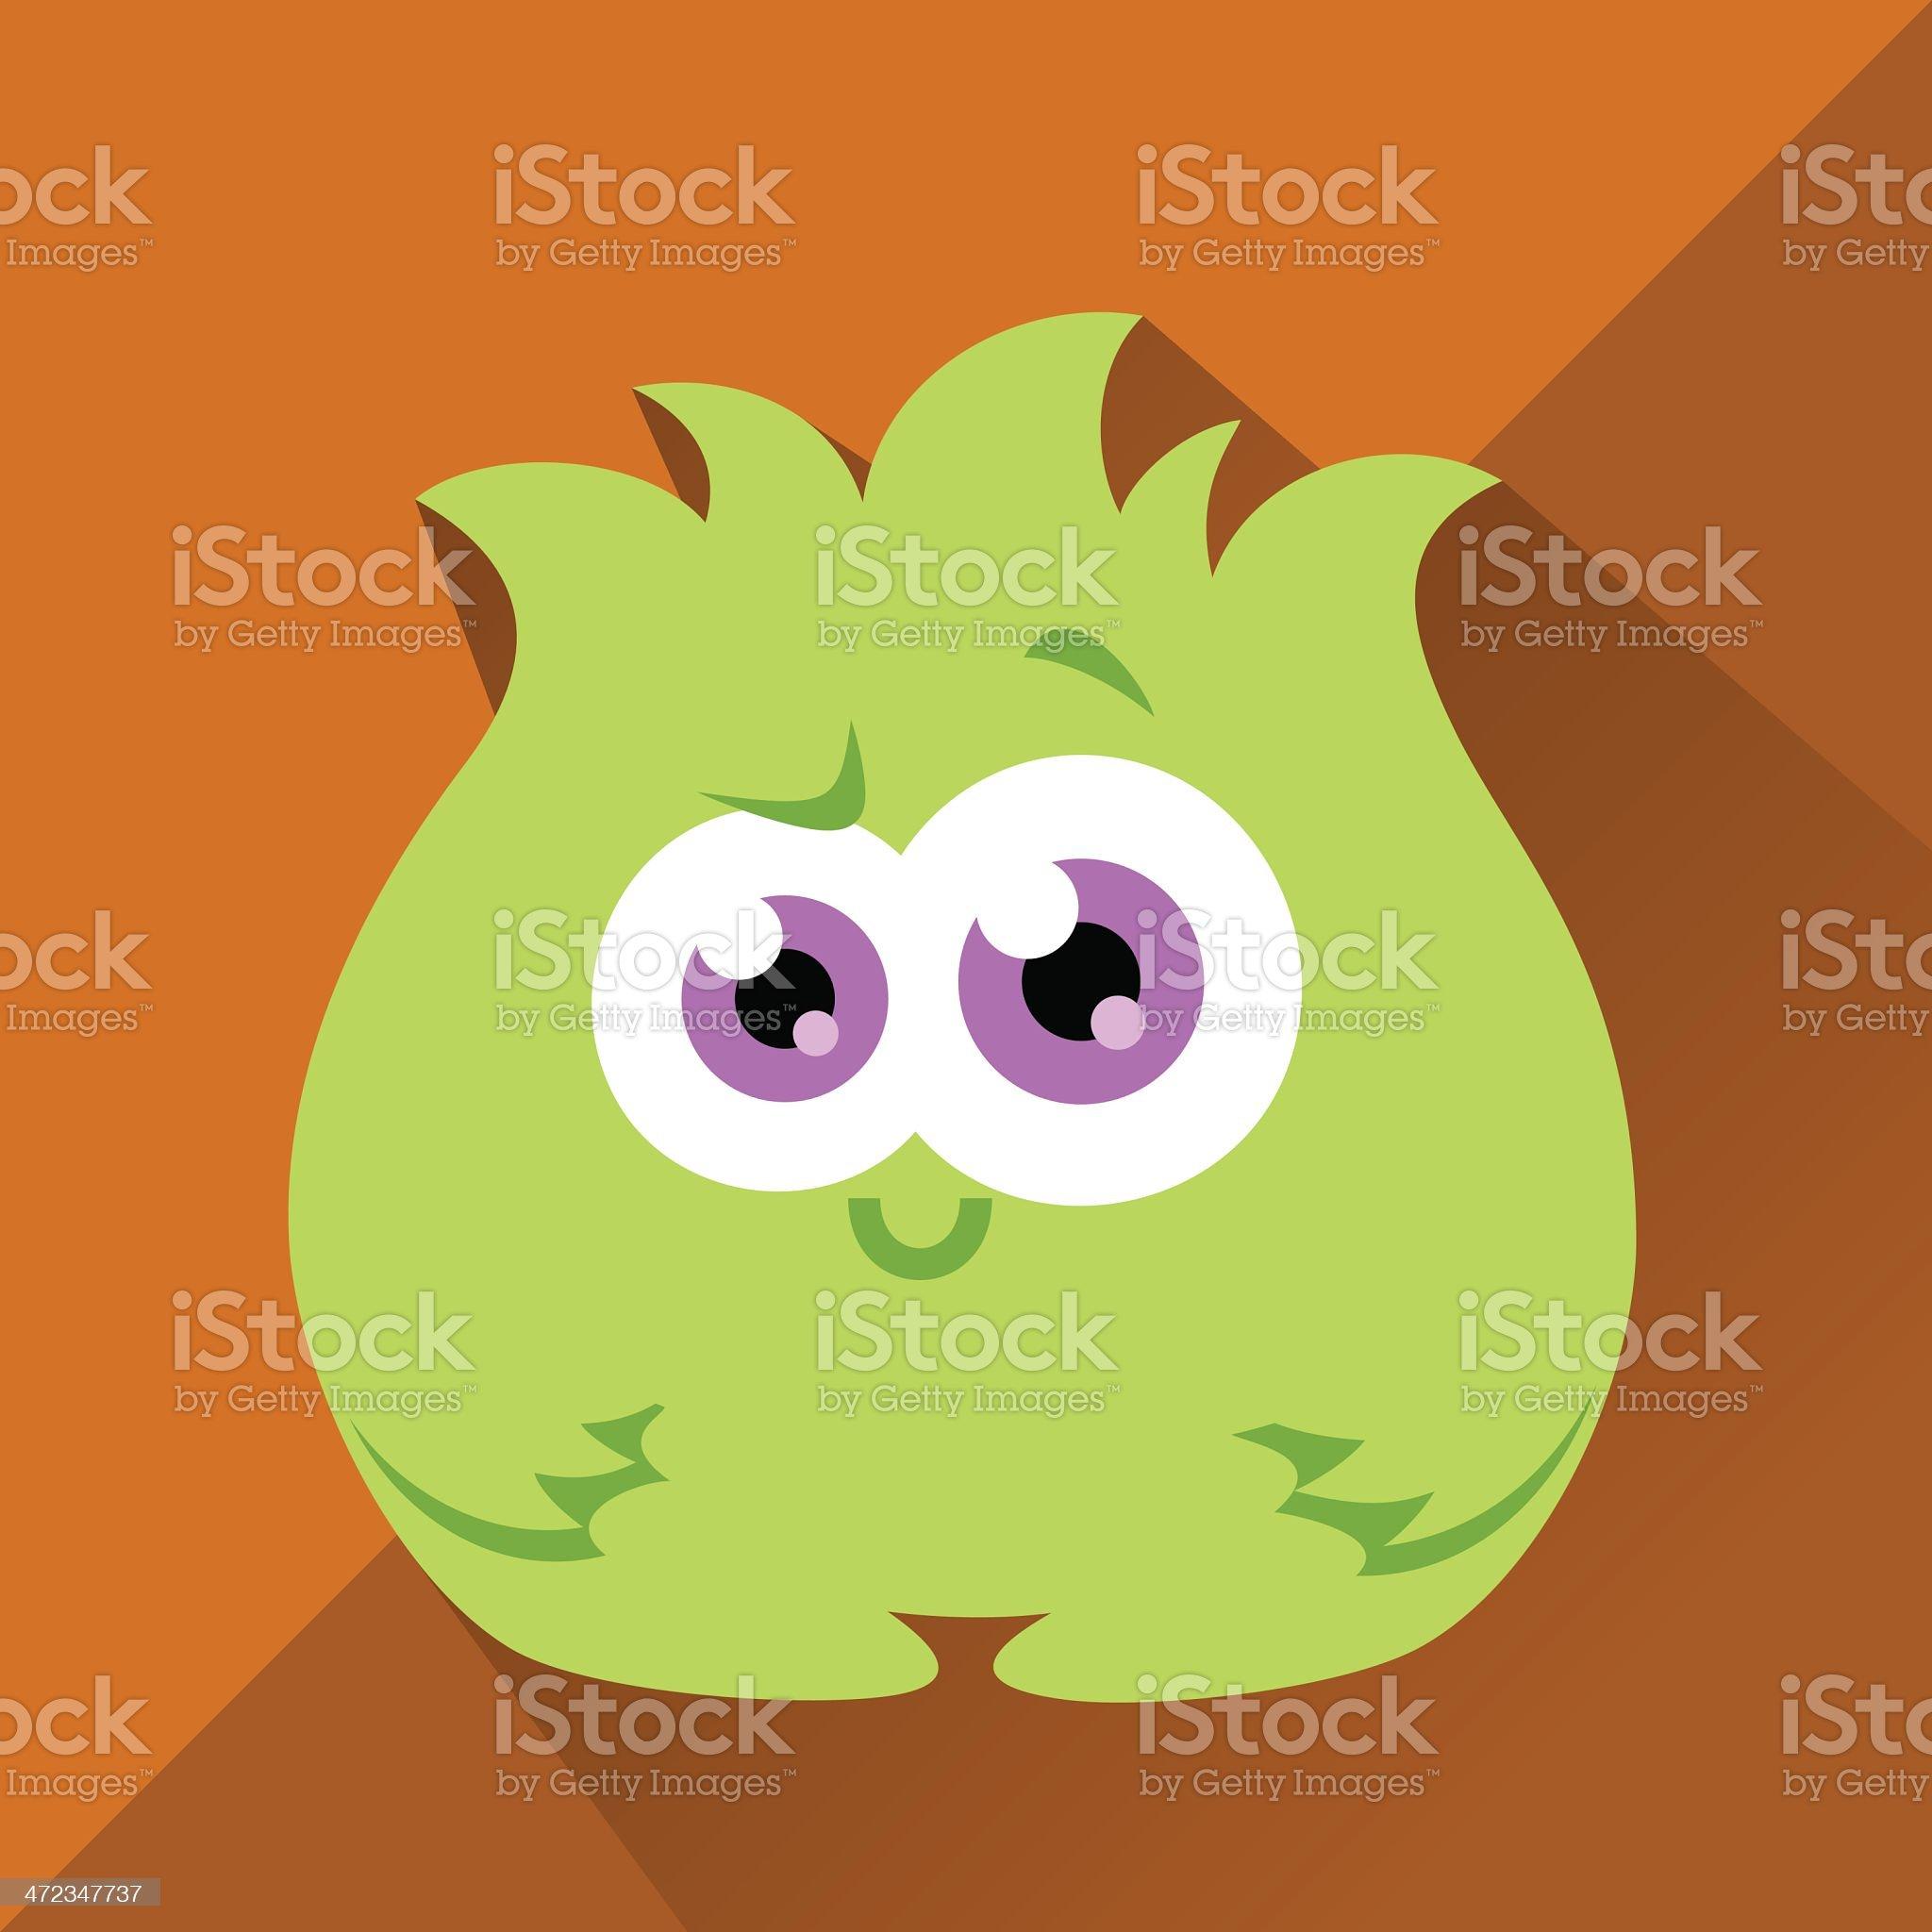 Cute Character - Bushy royalty-free stock vector art